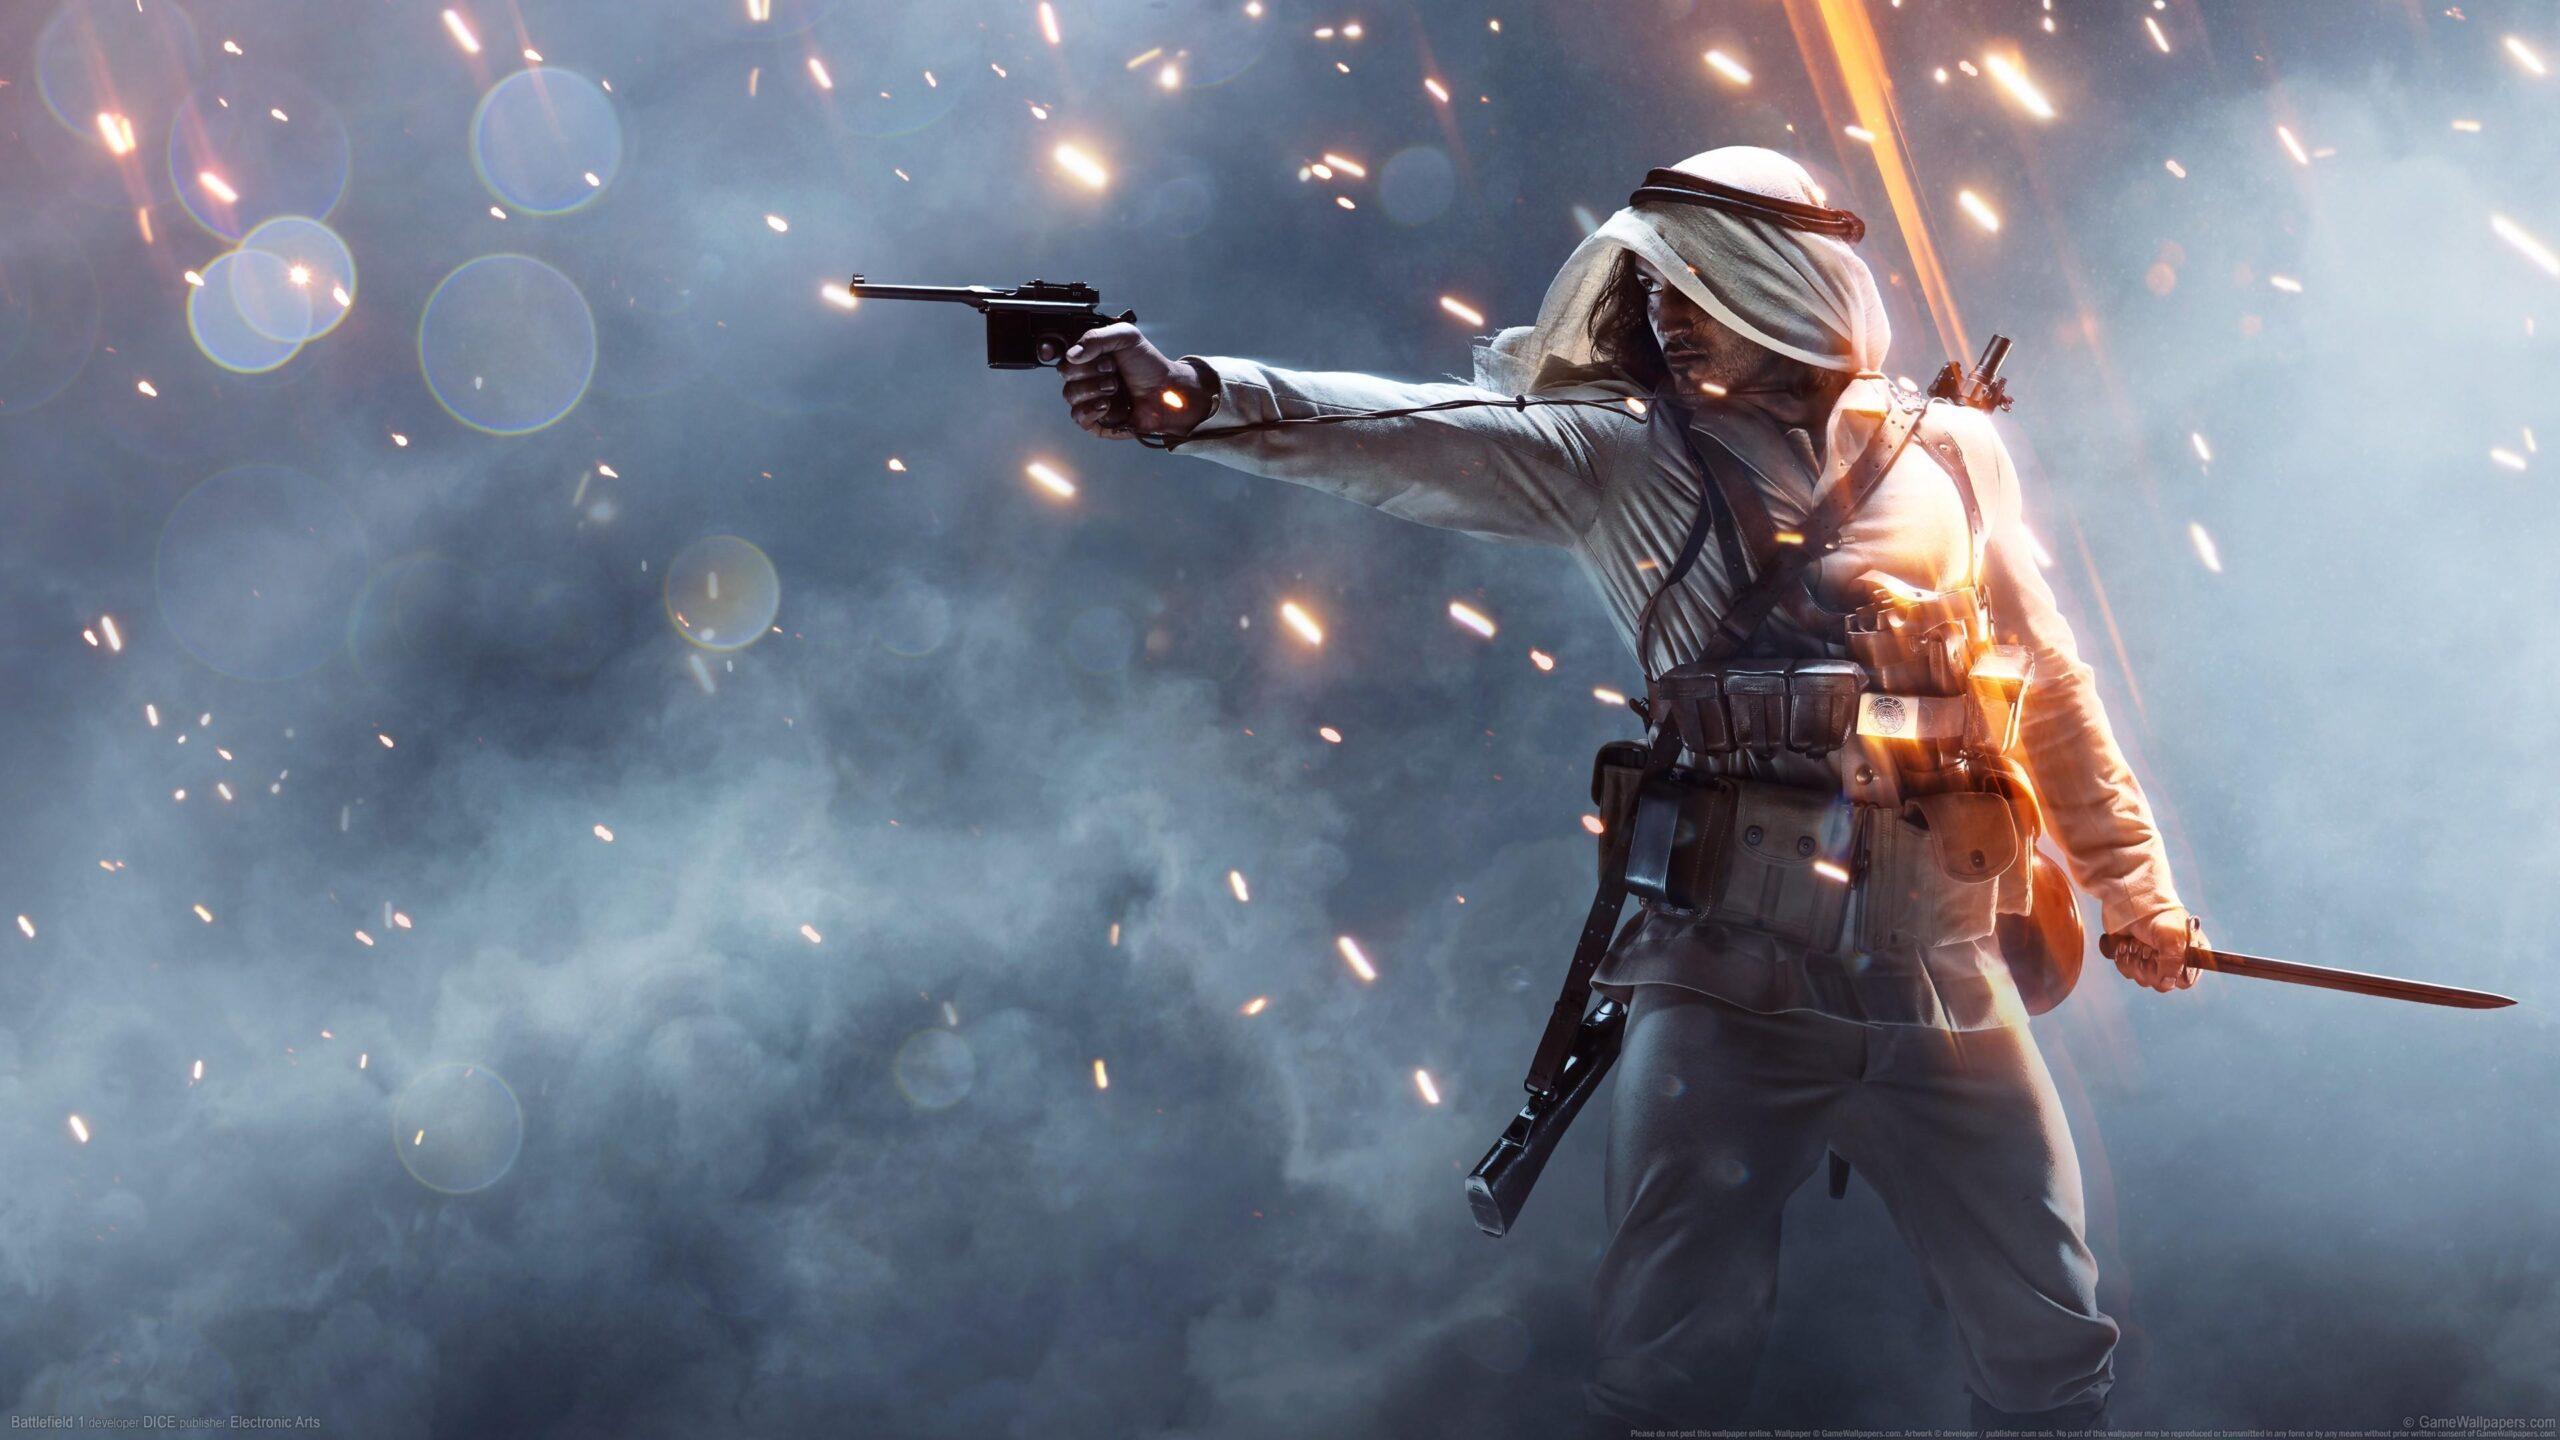 Nuovi rumor preoccupanti su Battlefield 6